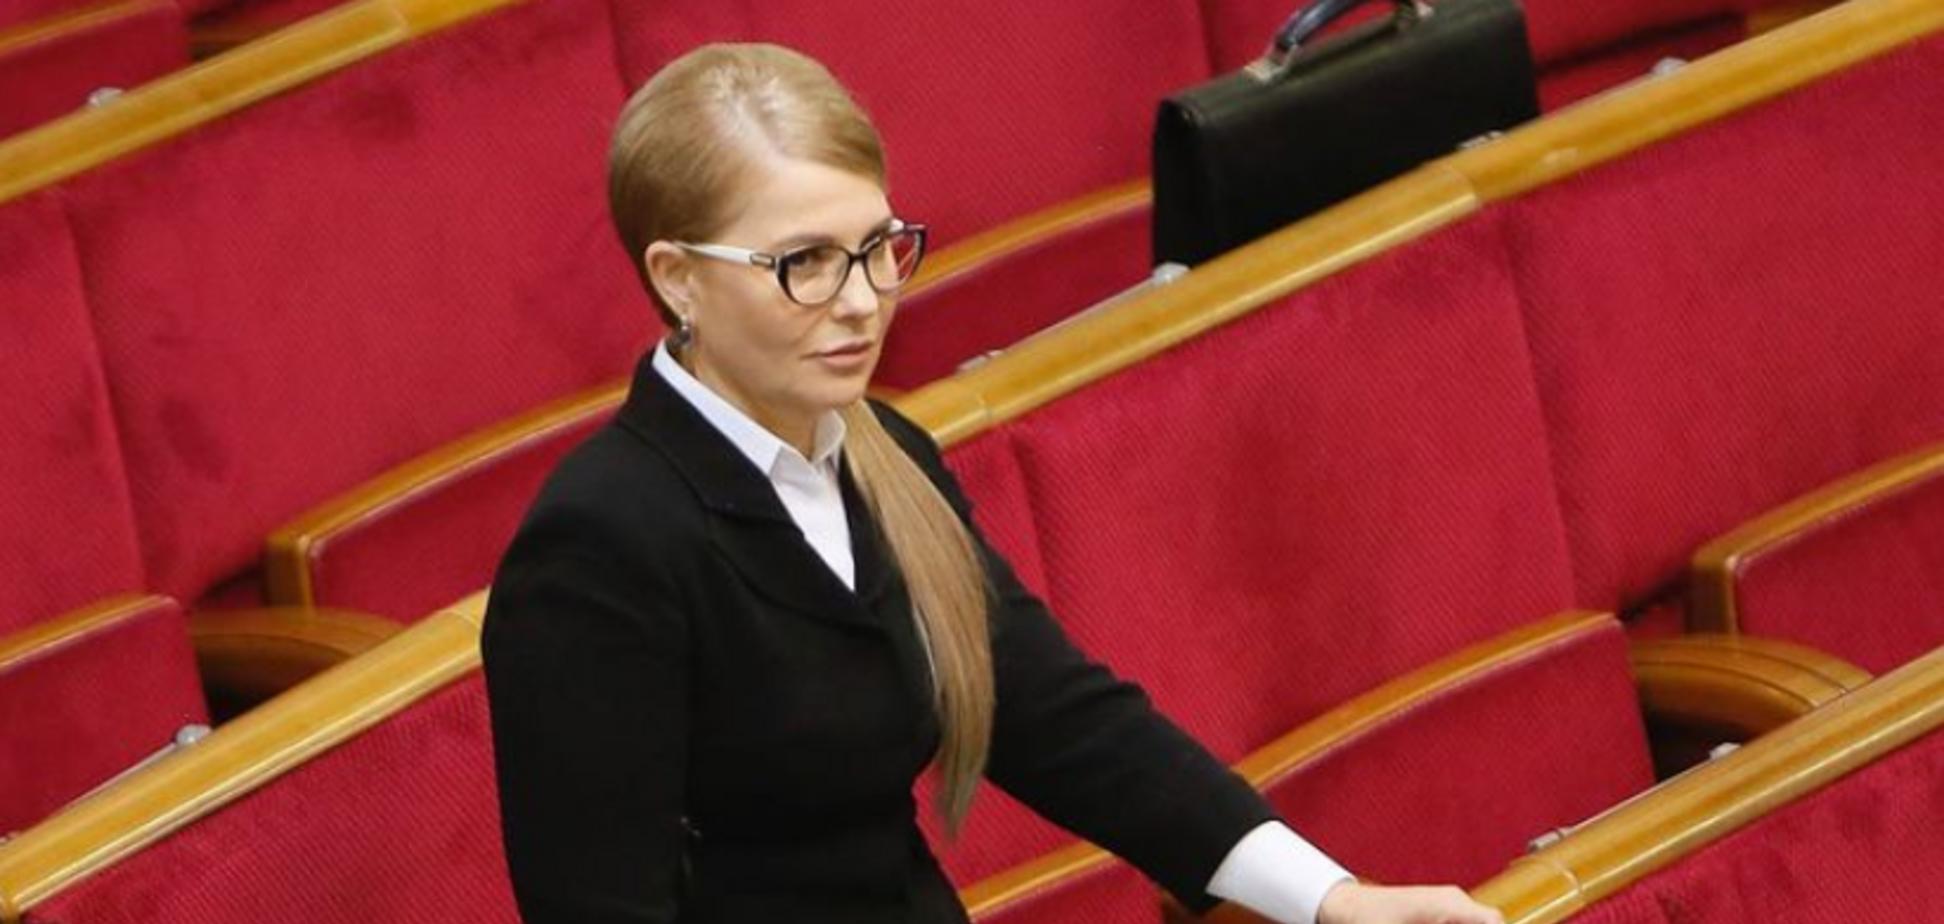 Юлія Тимошенко – лідер за темпами нарощування довіри людей, – опитування 'Рейтингу'